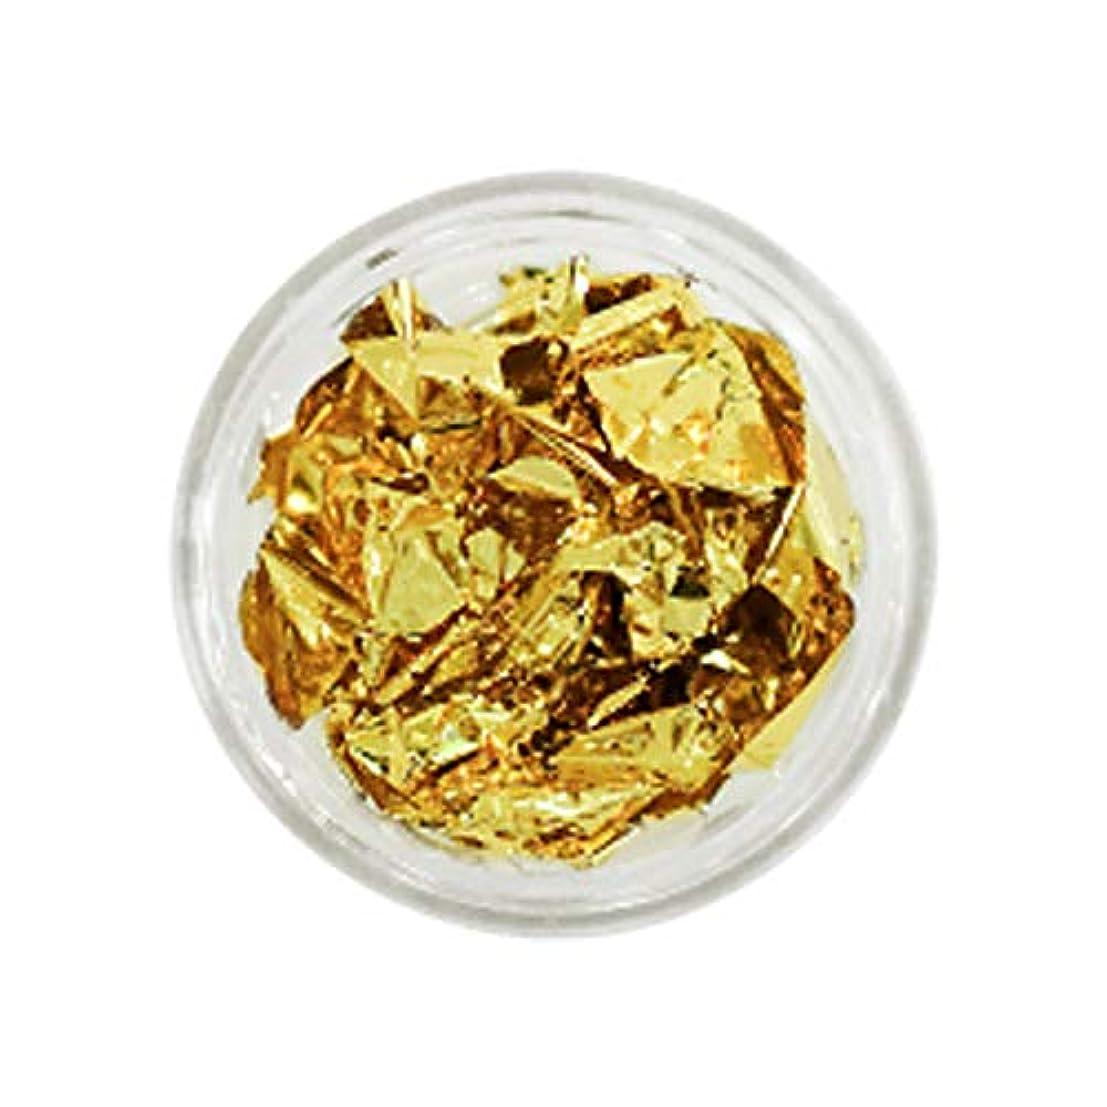 バッグ資格情報楕円形Bonnail(ボンネイル) 箔セレクション プラチナゴールド